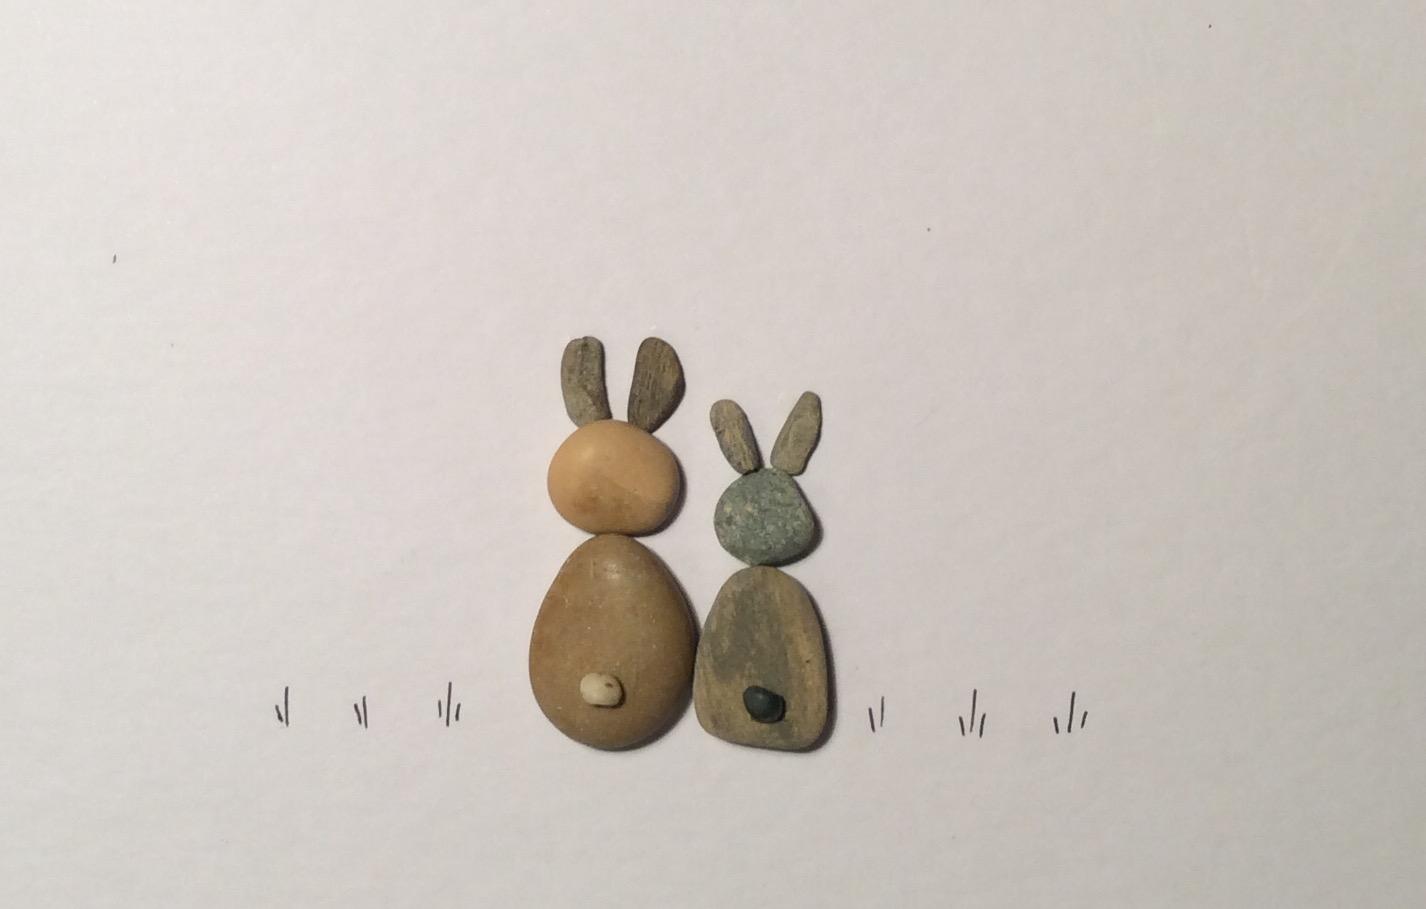 Rabbits pebble art close